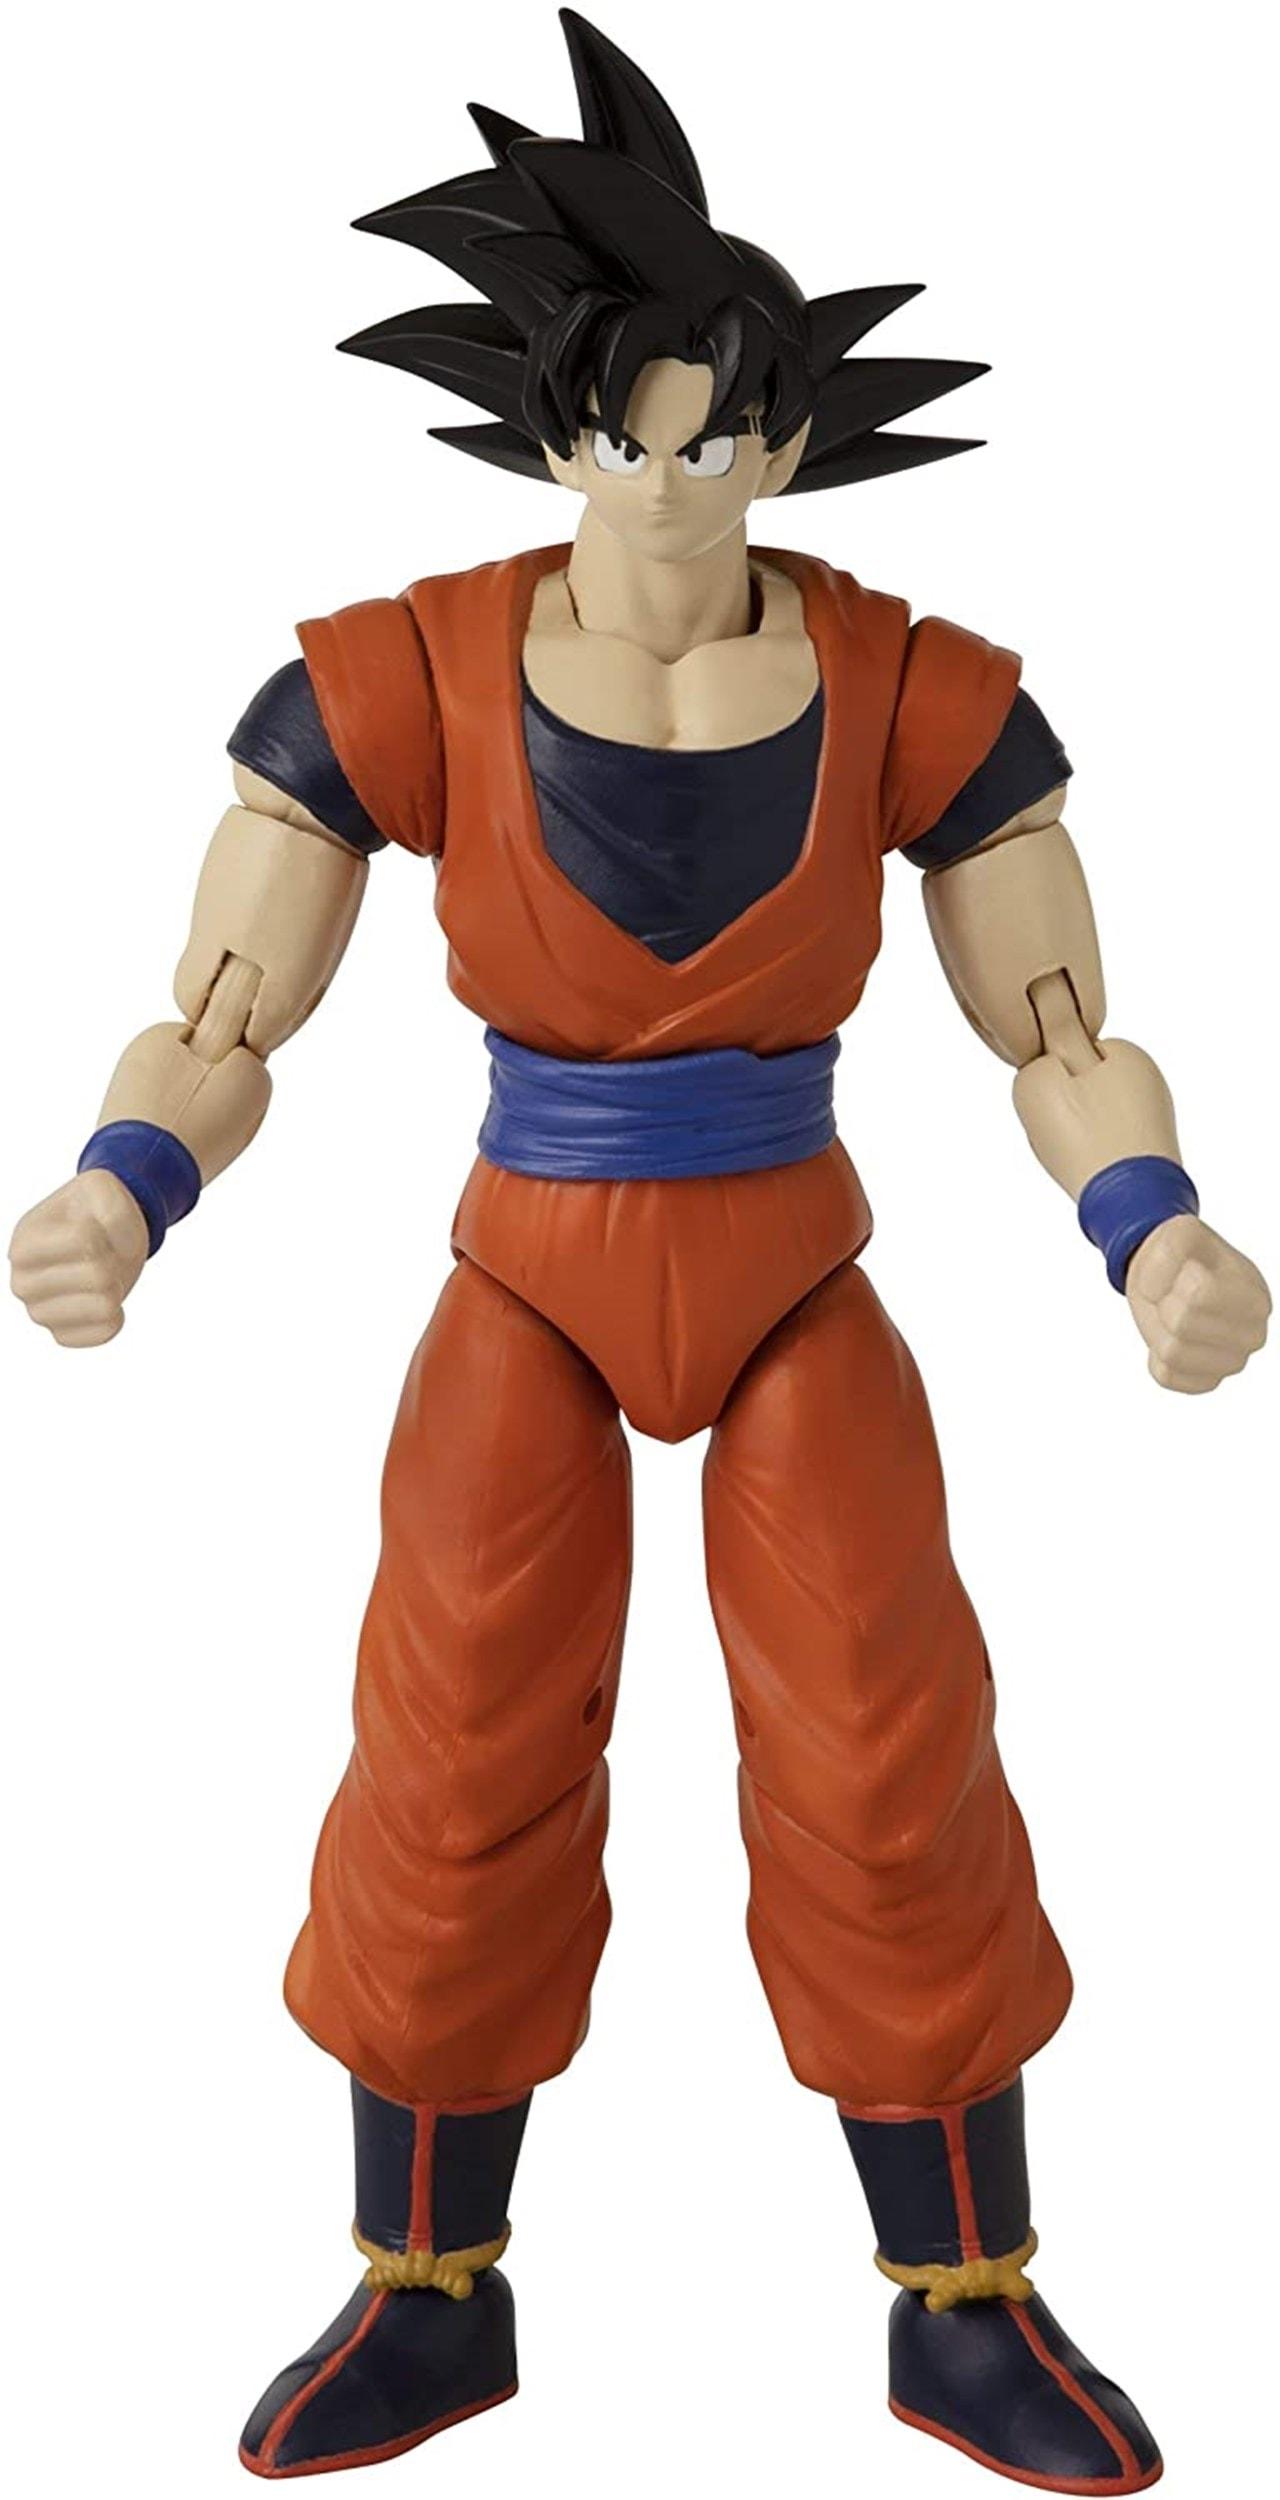 Goku Version 2: Dragon Ball Stars Action Figure - 1